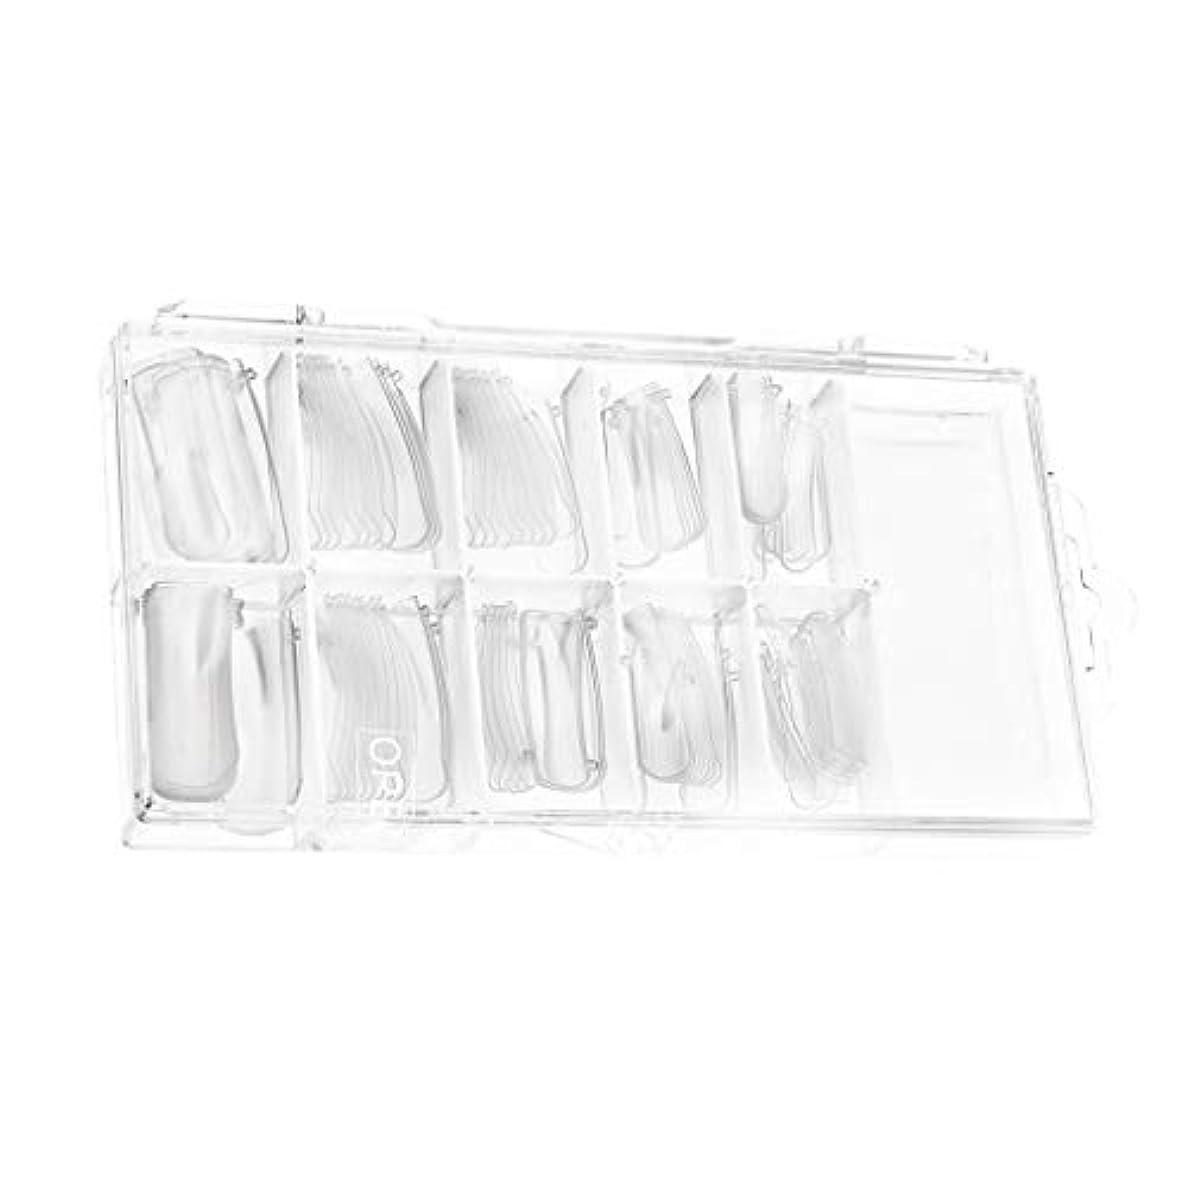 プレート繁栄する全滅させるたくさん100棺ネイルクリアバレリーナネイルのヒントロングフルカバーアクリルネイル個人用または業務用(クリア)用10サイズ